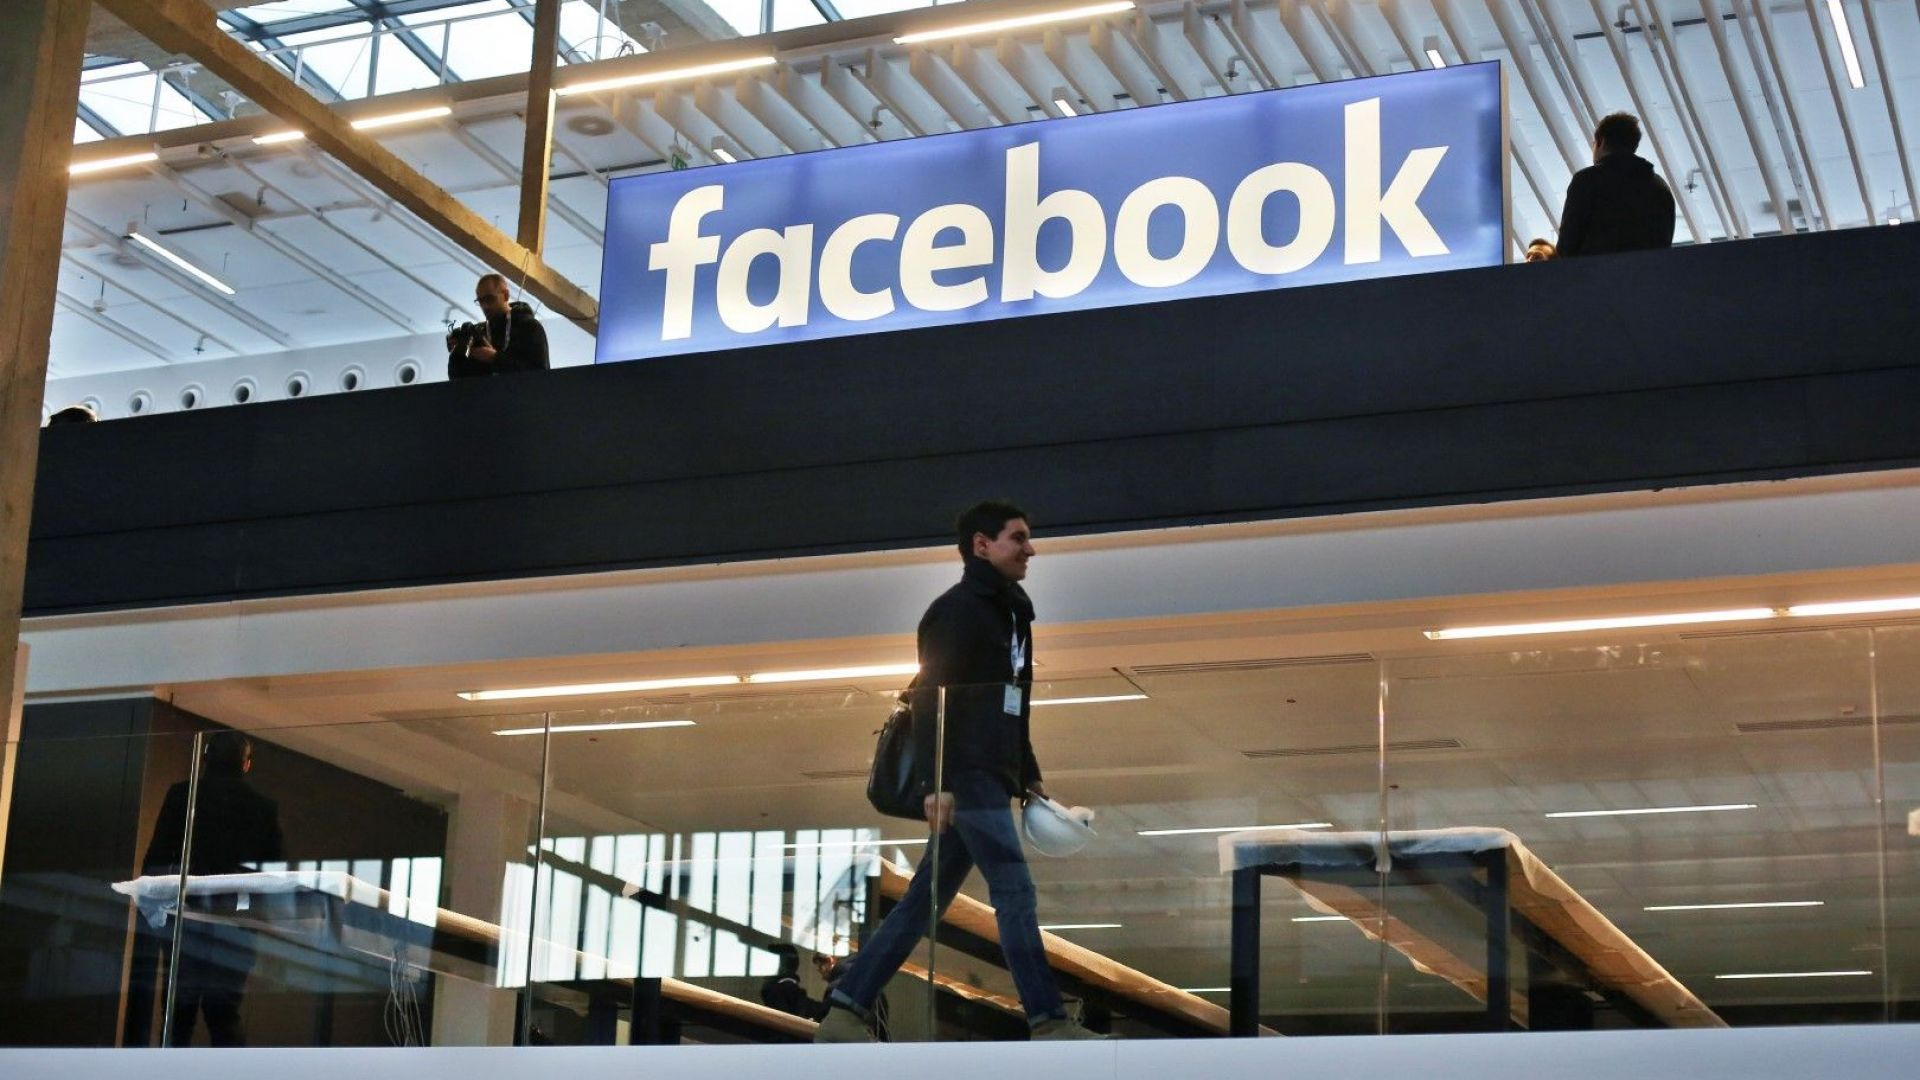 САЩ съдят Фейсбук за това, че е наела хора с временни визи, а не американци